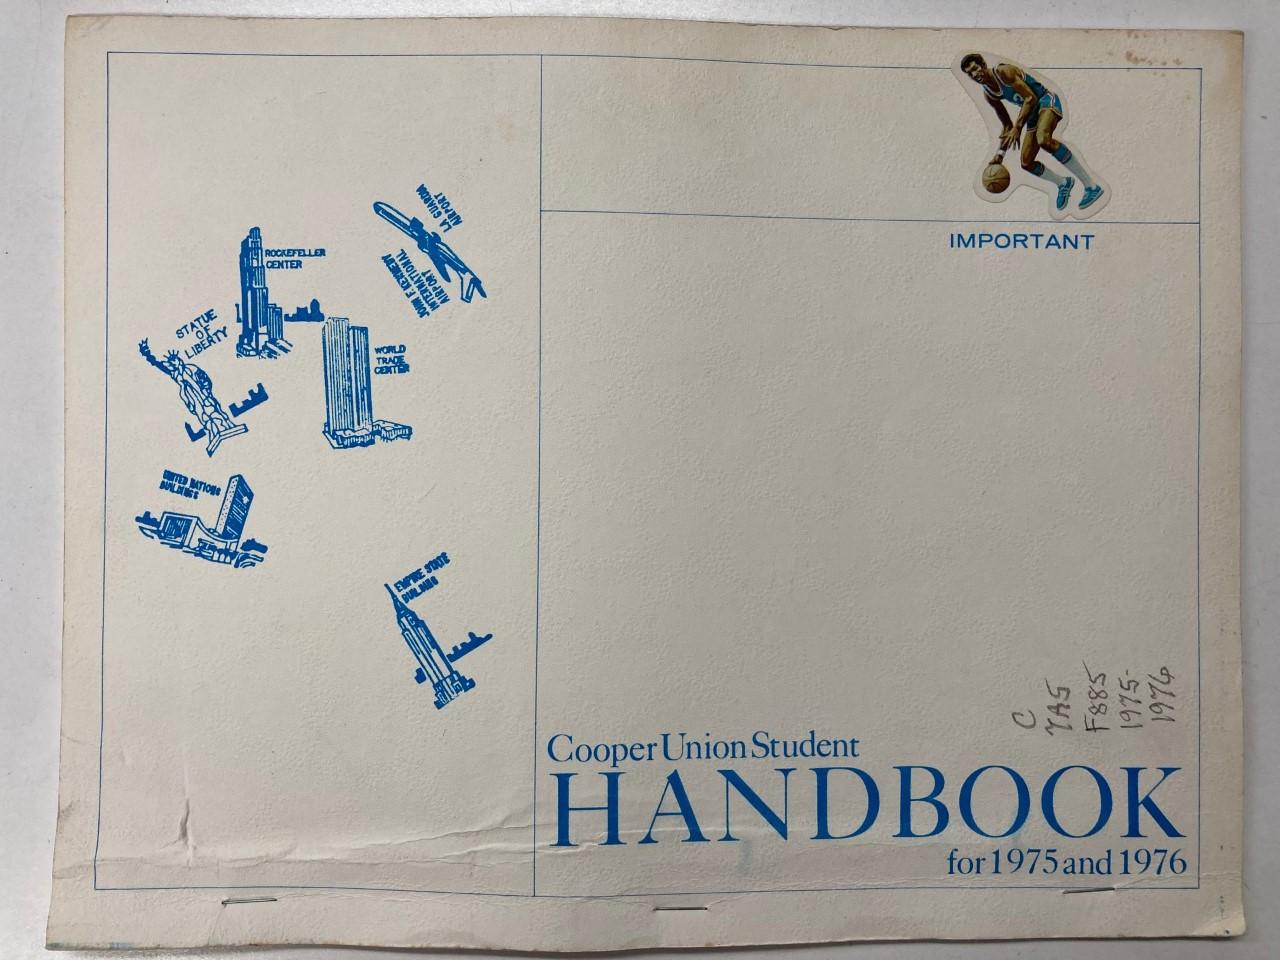 student handbook 1976